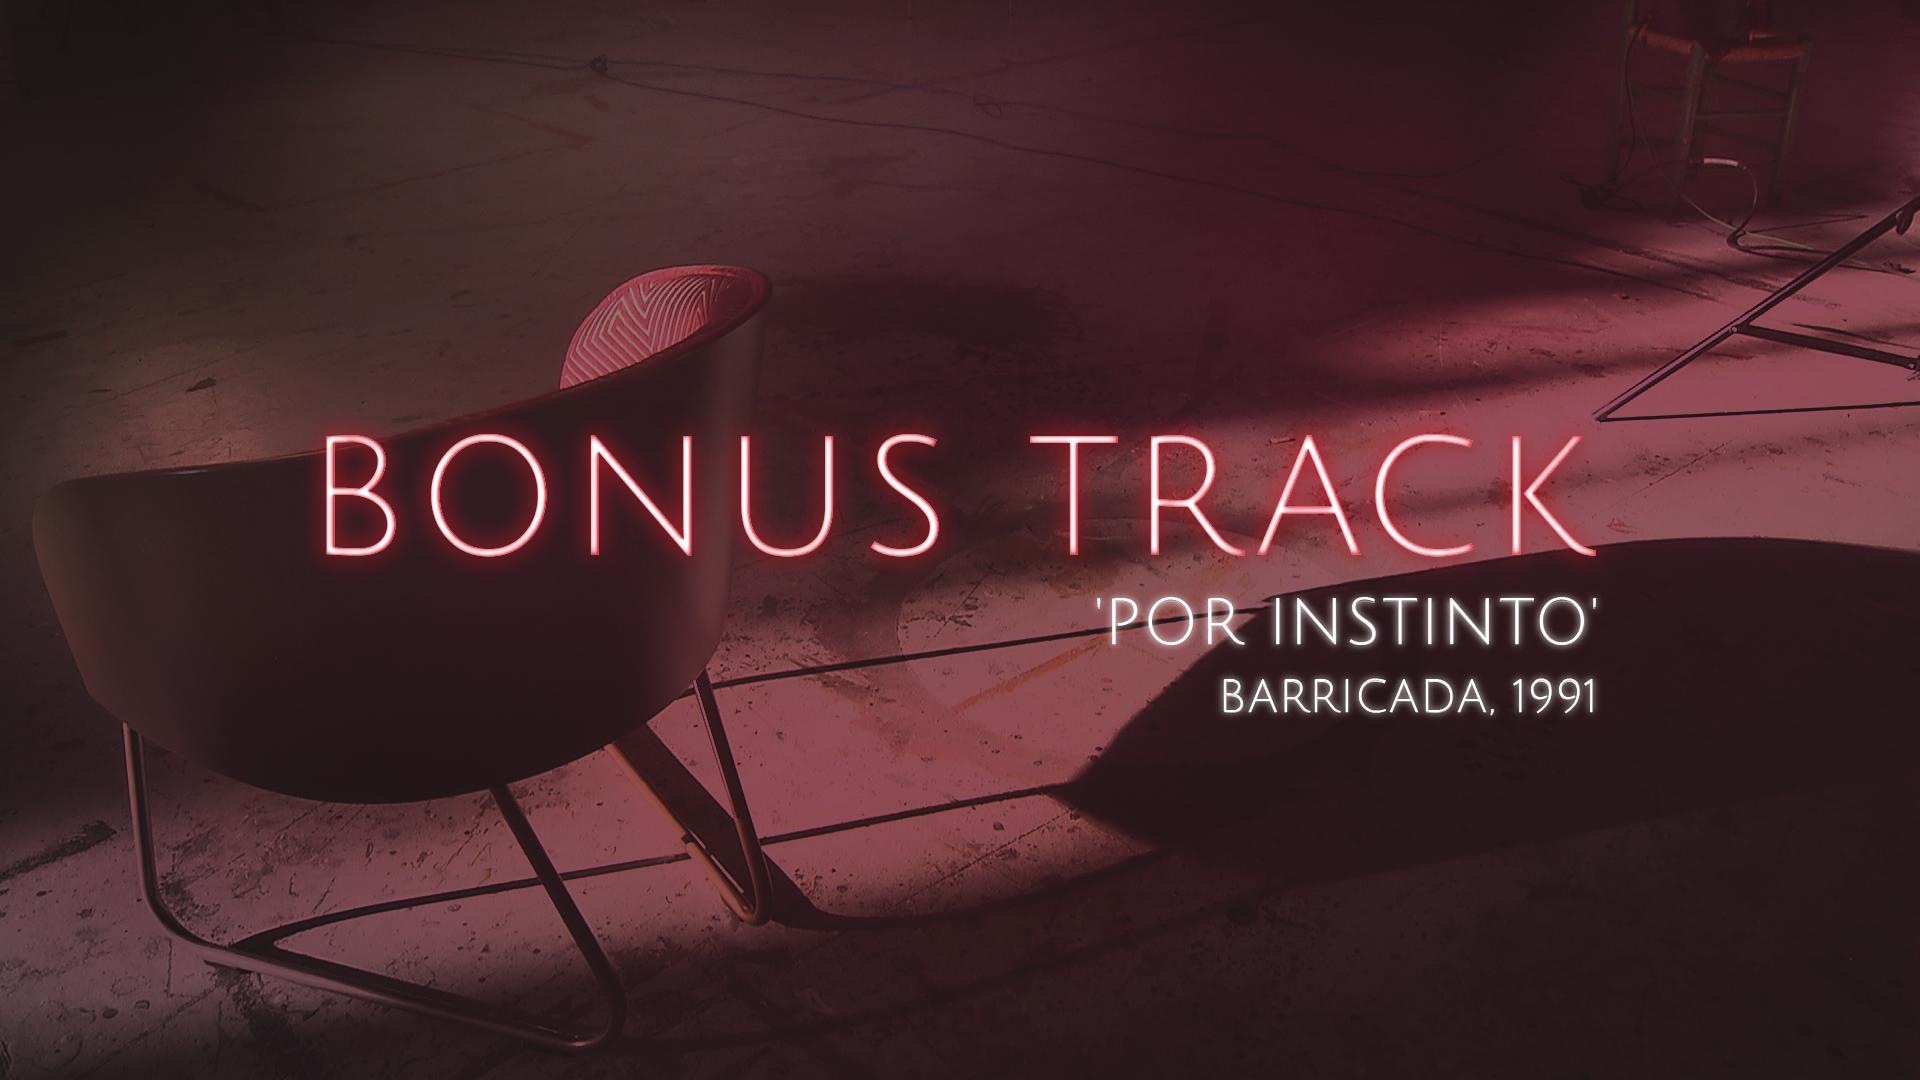 Bonus Track - 'Por instinto', Barricada (Teaser)